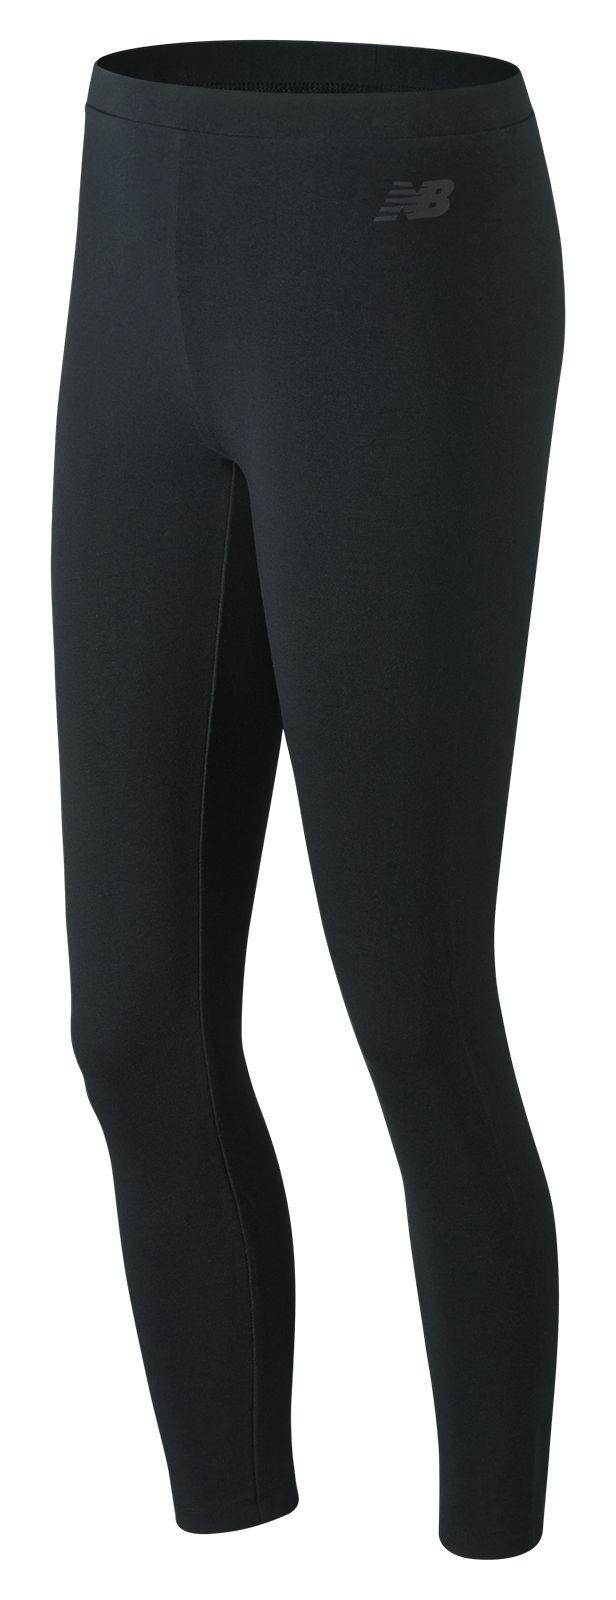 Women's Essentials Aqua Camo Legging